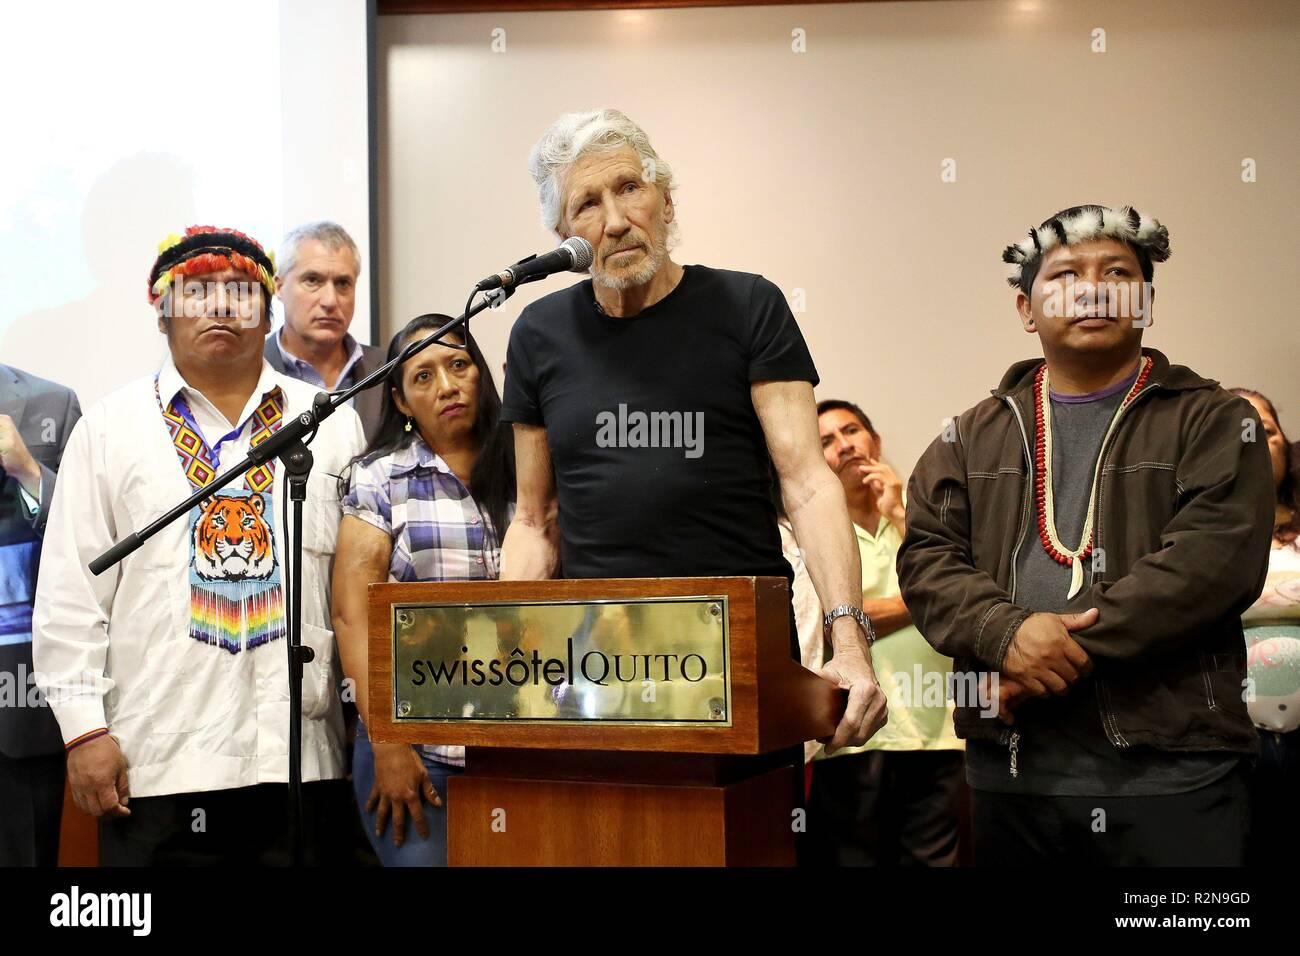 """Quito, Ecuador. 20 Nov, 2018. Músico británico Roger Waters (C) ofrece una conferencia de prensa a lo largo de los nativos amazónicos afectados por Chevron-Texaco, en Quito, Ecuador, 20 de noviembre de 2018. Aguas instó el Presidente ecuatoriano Lenin Moreno para continuar """"proteger"""" el fundador de Wikileaks Julian Assange, ya que, de lo contrario, """"los Estados Unidos de América, el Reino Unido y otros países del imperio del mal"""" lo matará. Crédito: José Jácome/EFE/Alamy Live News Imagen De Stock"""